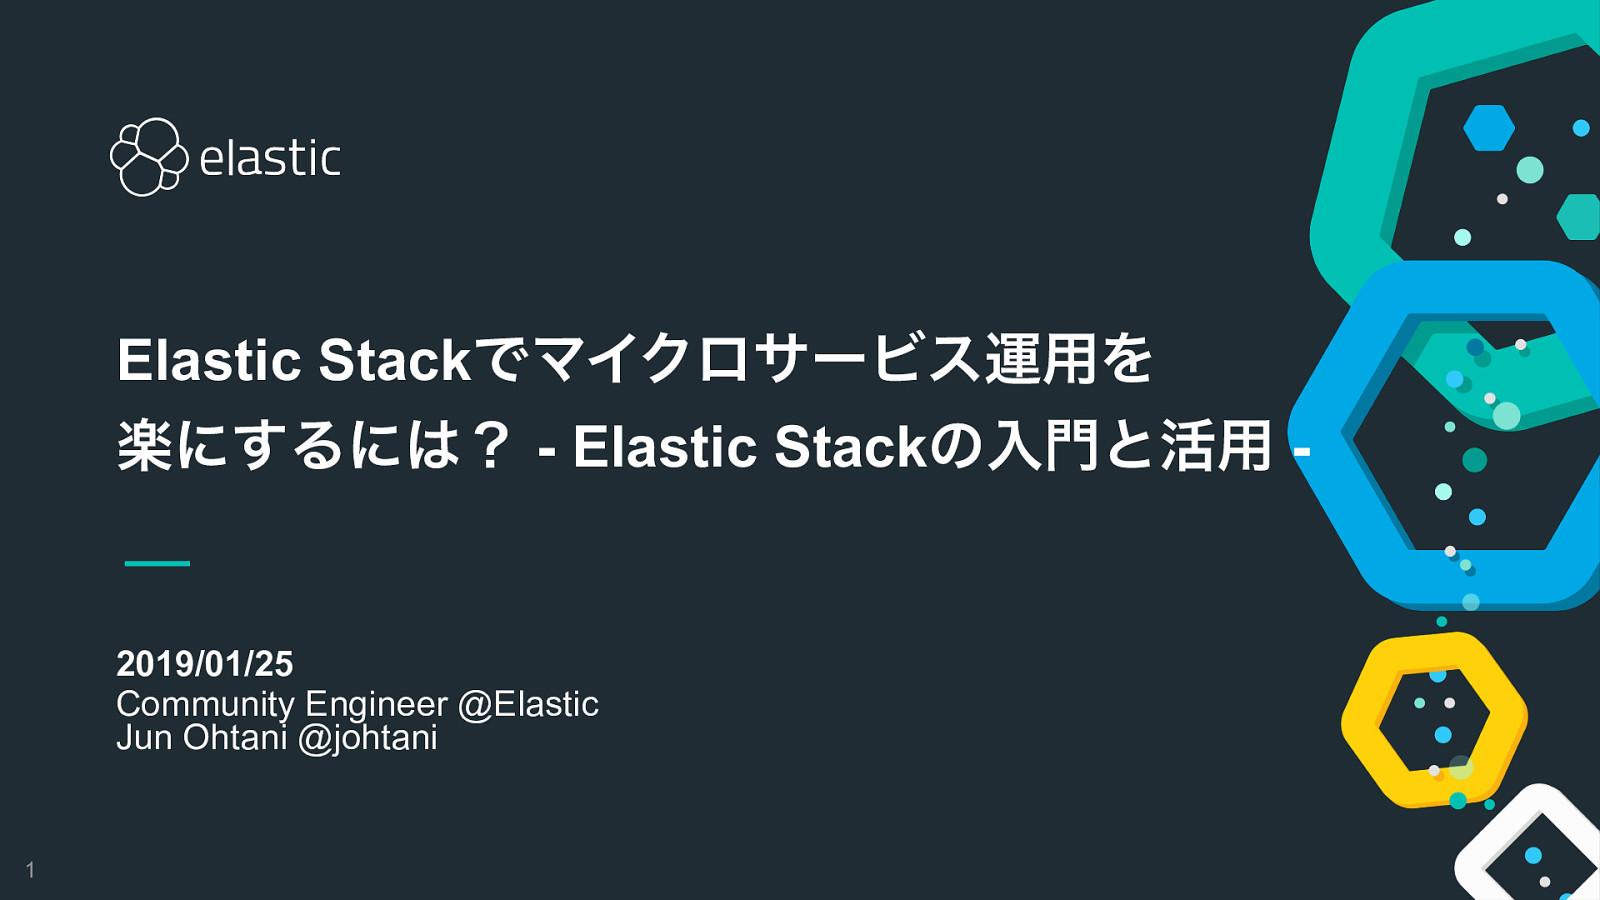 Elastic Stackでマイクロサービス運用を楽にするには? - Elastic Stackの活用 -